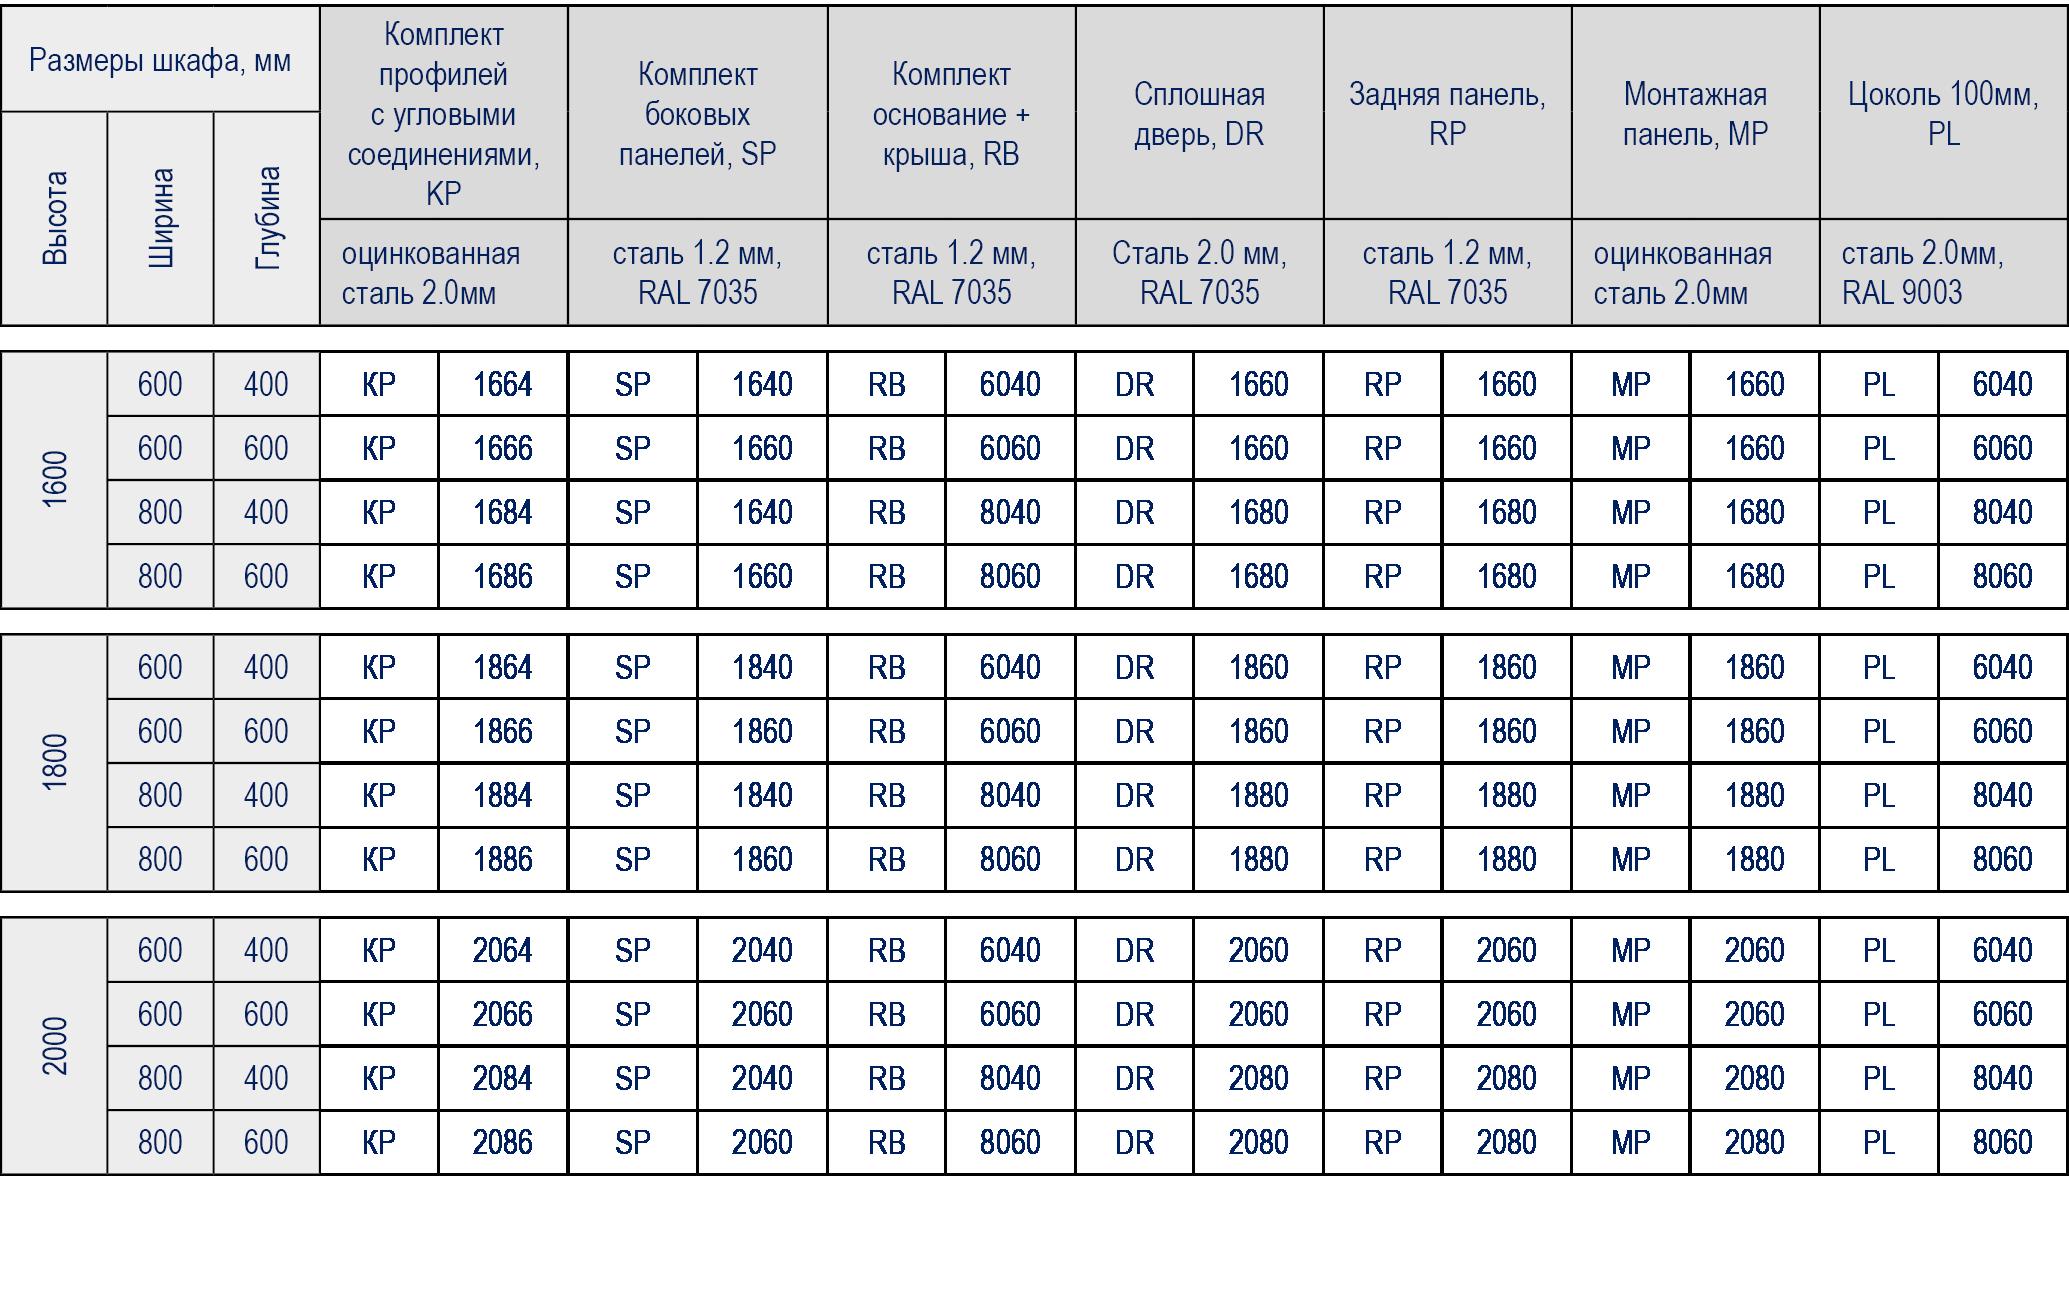 Таблица подбора оборудования